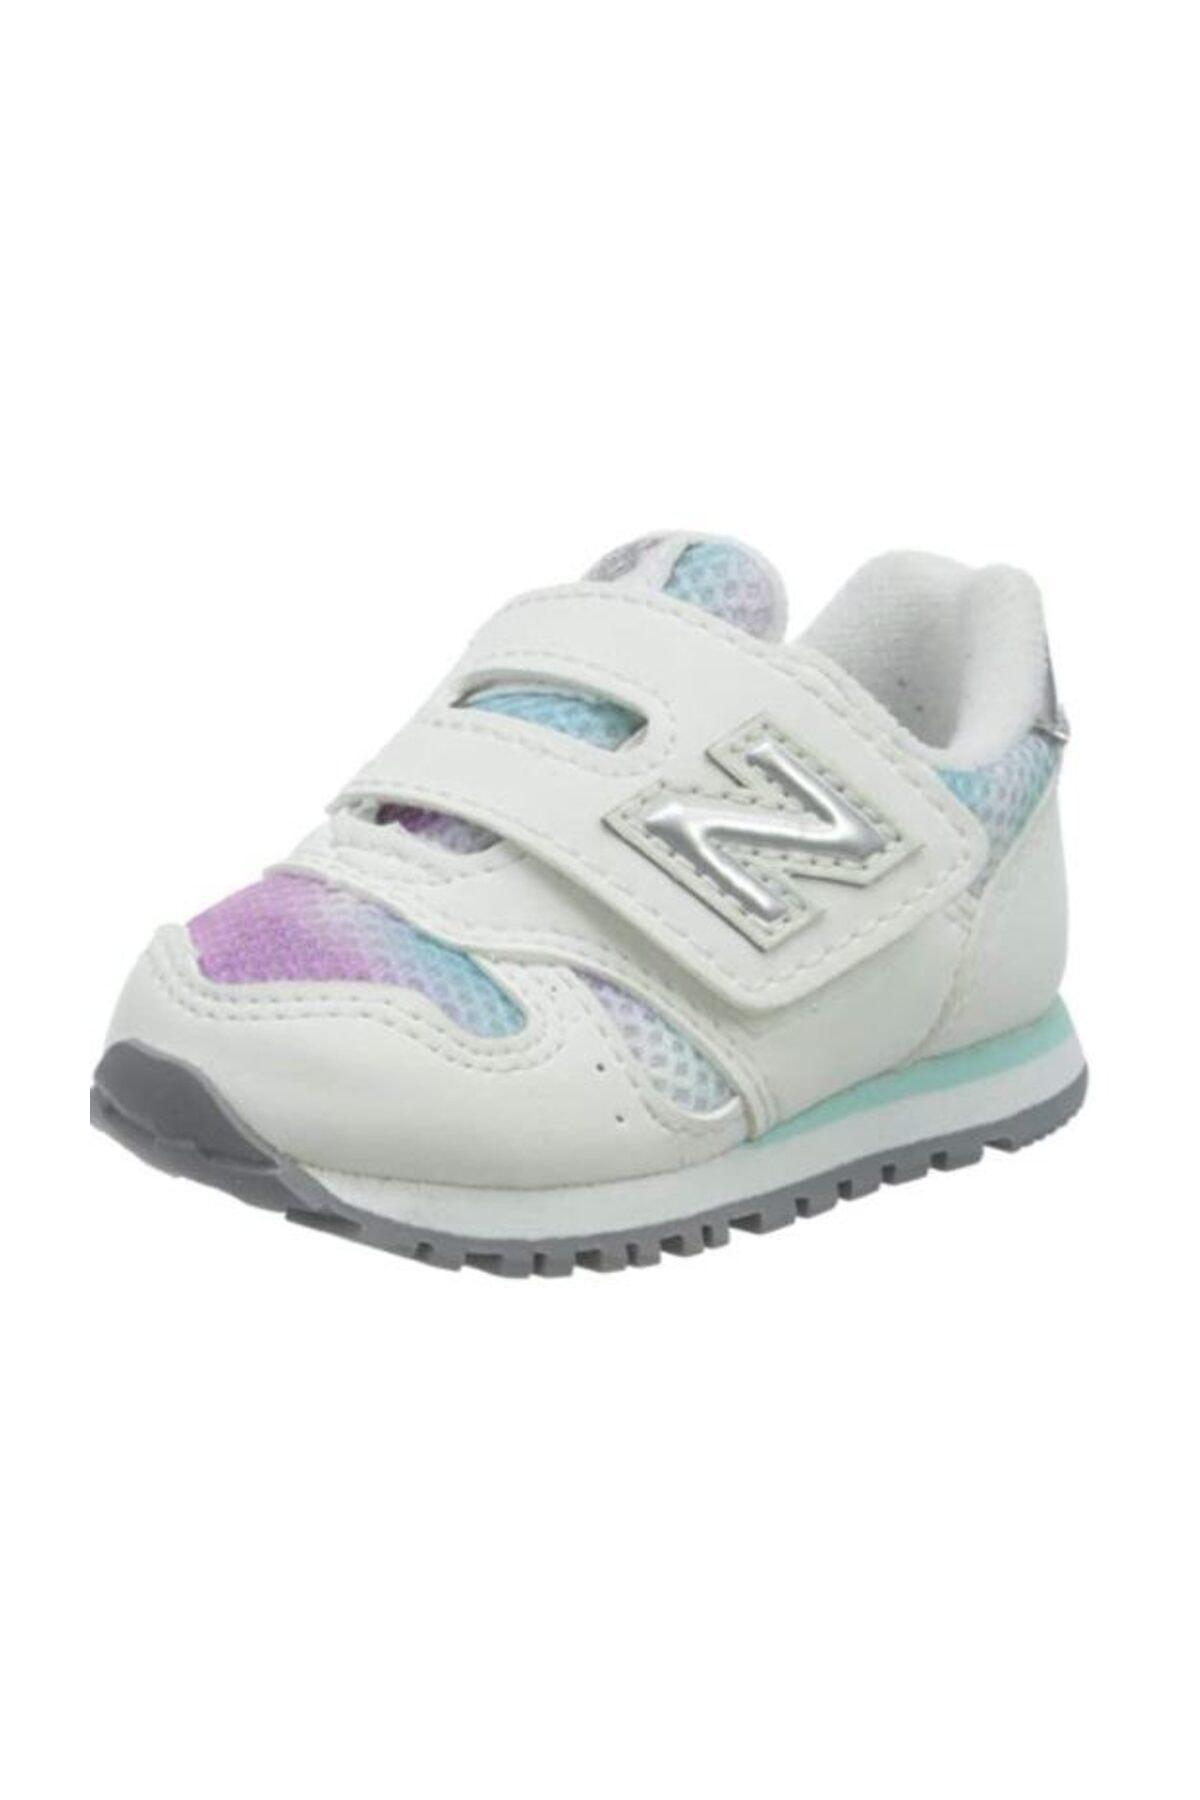 New Balance NB Lifestyle Infant Shoes 2